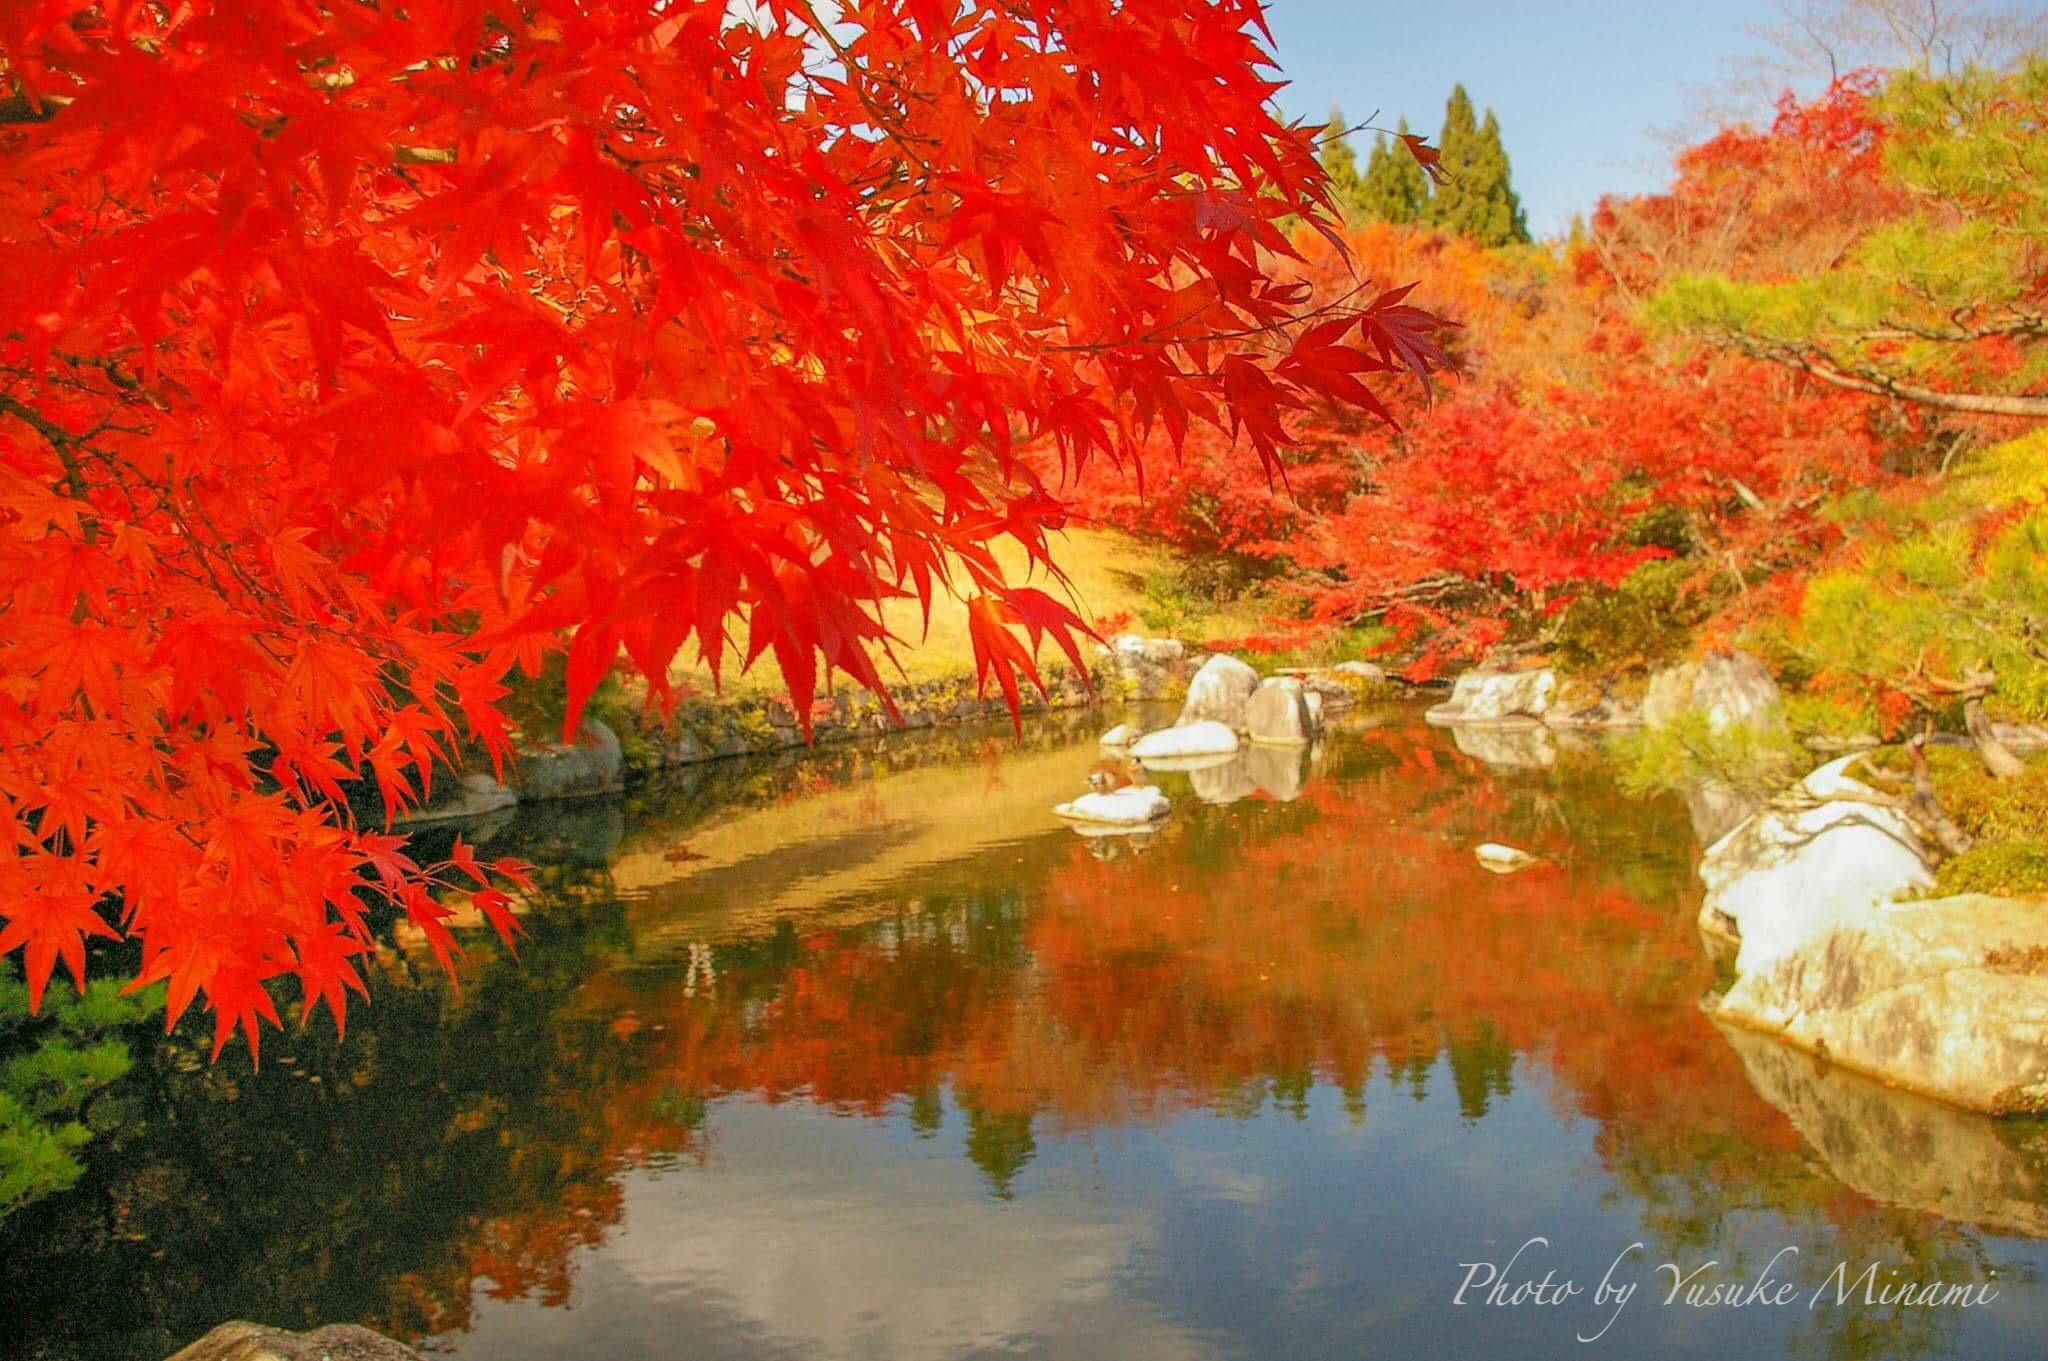 【秋の庭園】2018三景園の紅葉の見ごろや夜間ライトアップはいつ?/広島県三原市 【観光スポット】